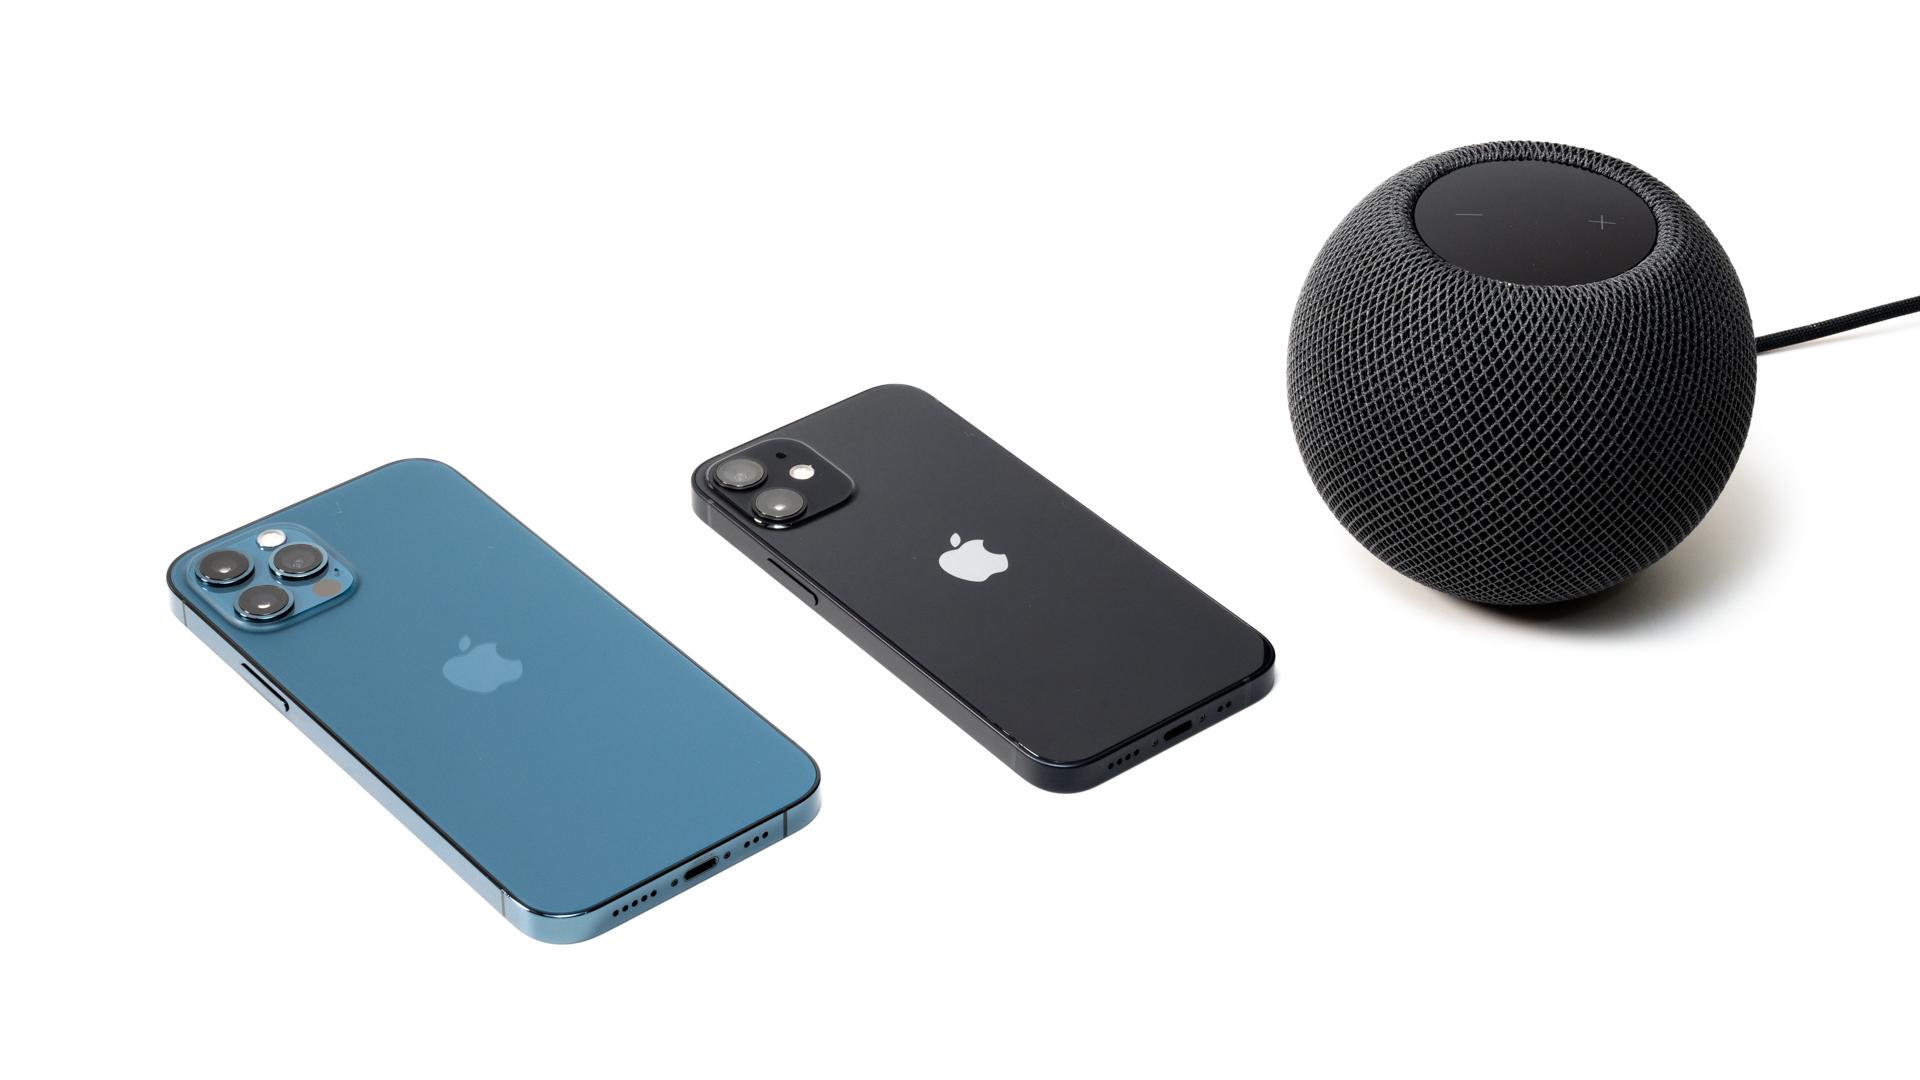 今年のApple製品魅力的すぎ問題。2020年に買ったApple製品まとめ #ガジェ獣AdventCalendar